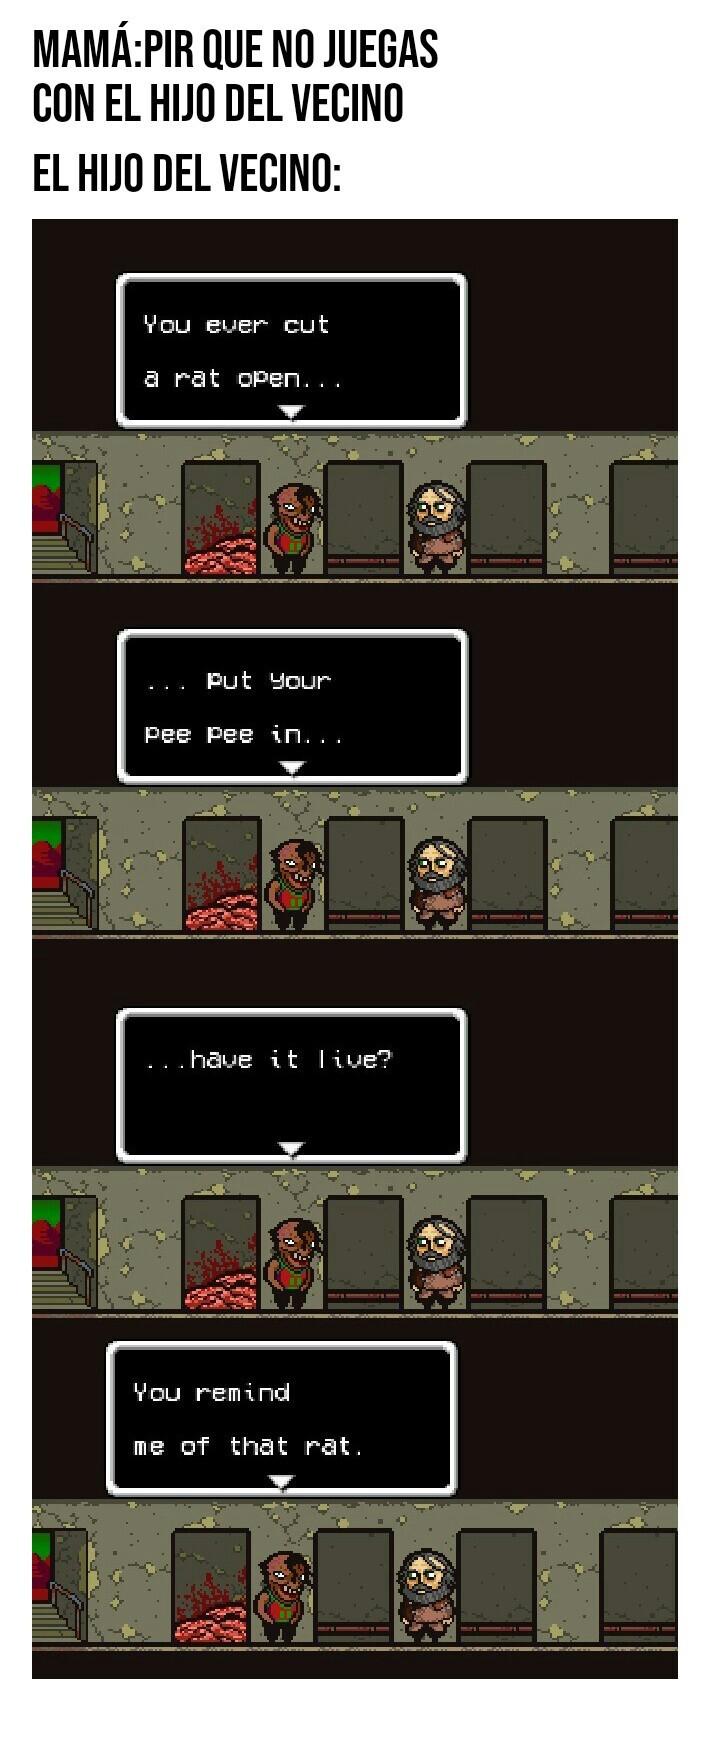 El wey de los fetiches raros en Lisa - meme